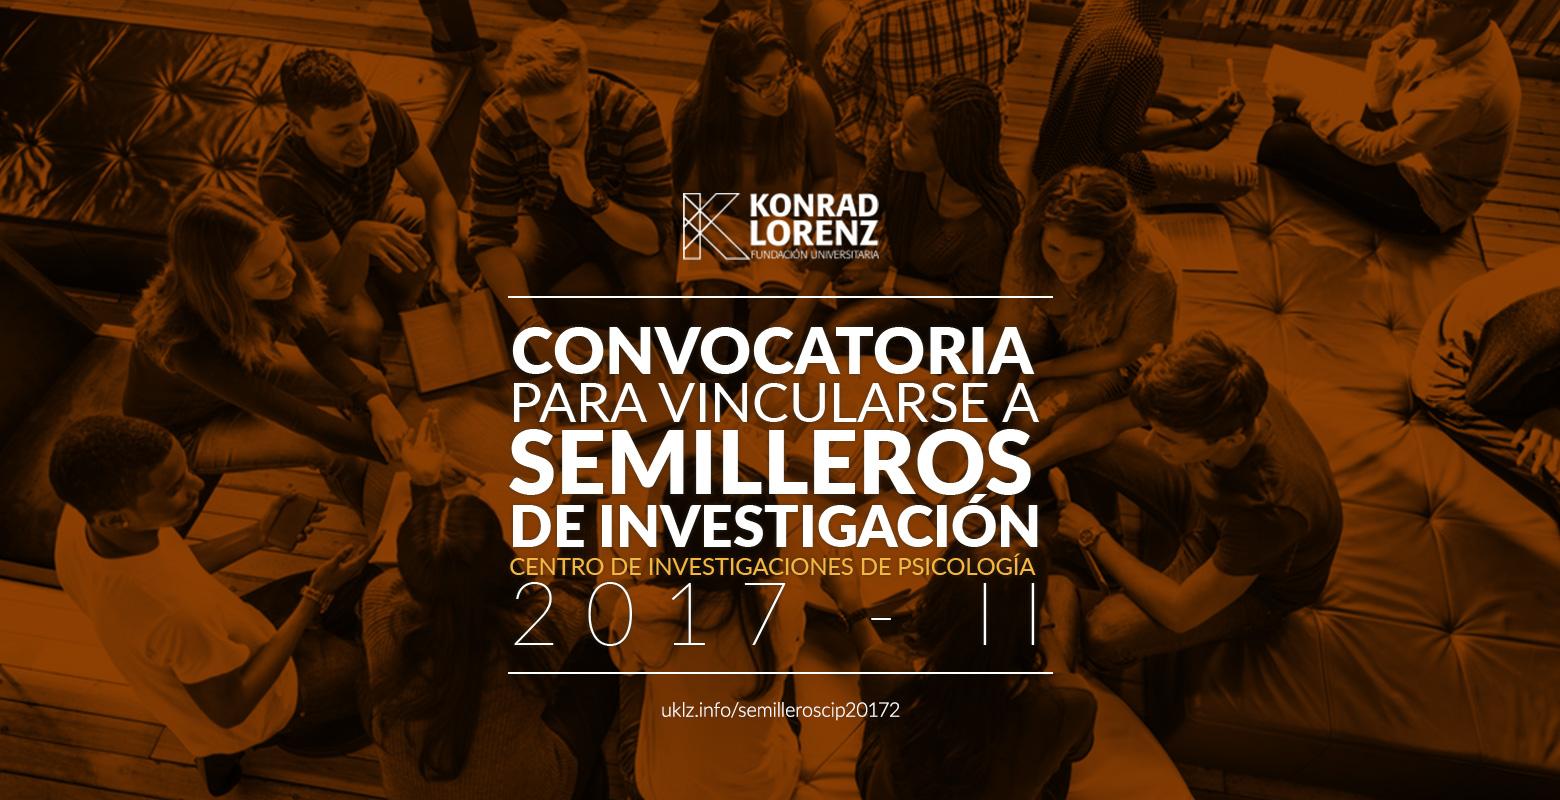 Convocatoria para vincular integrantes a Semilleros de Investigación de Psicología 2017-2